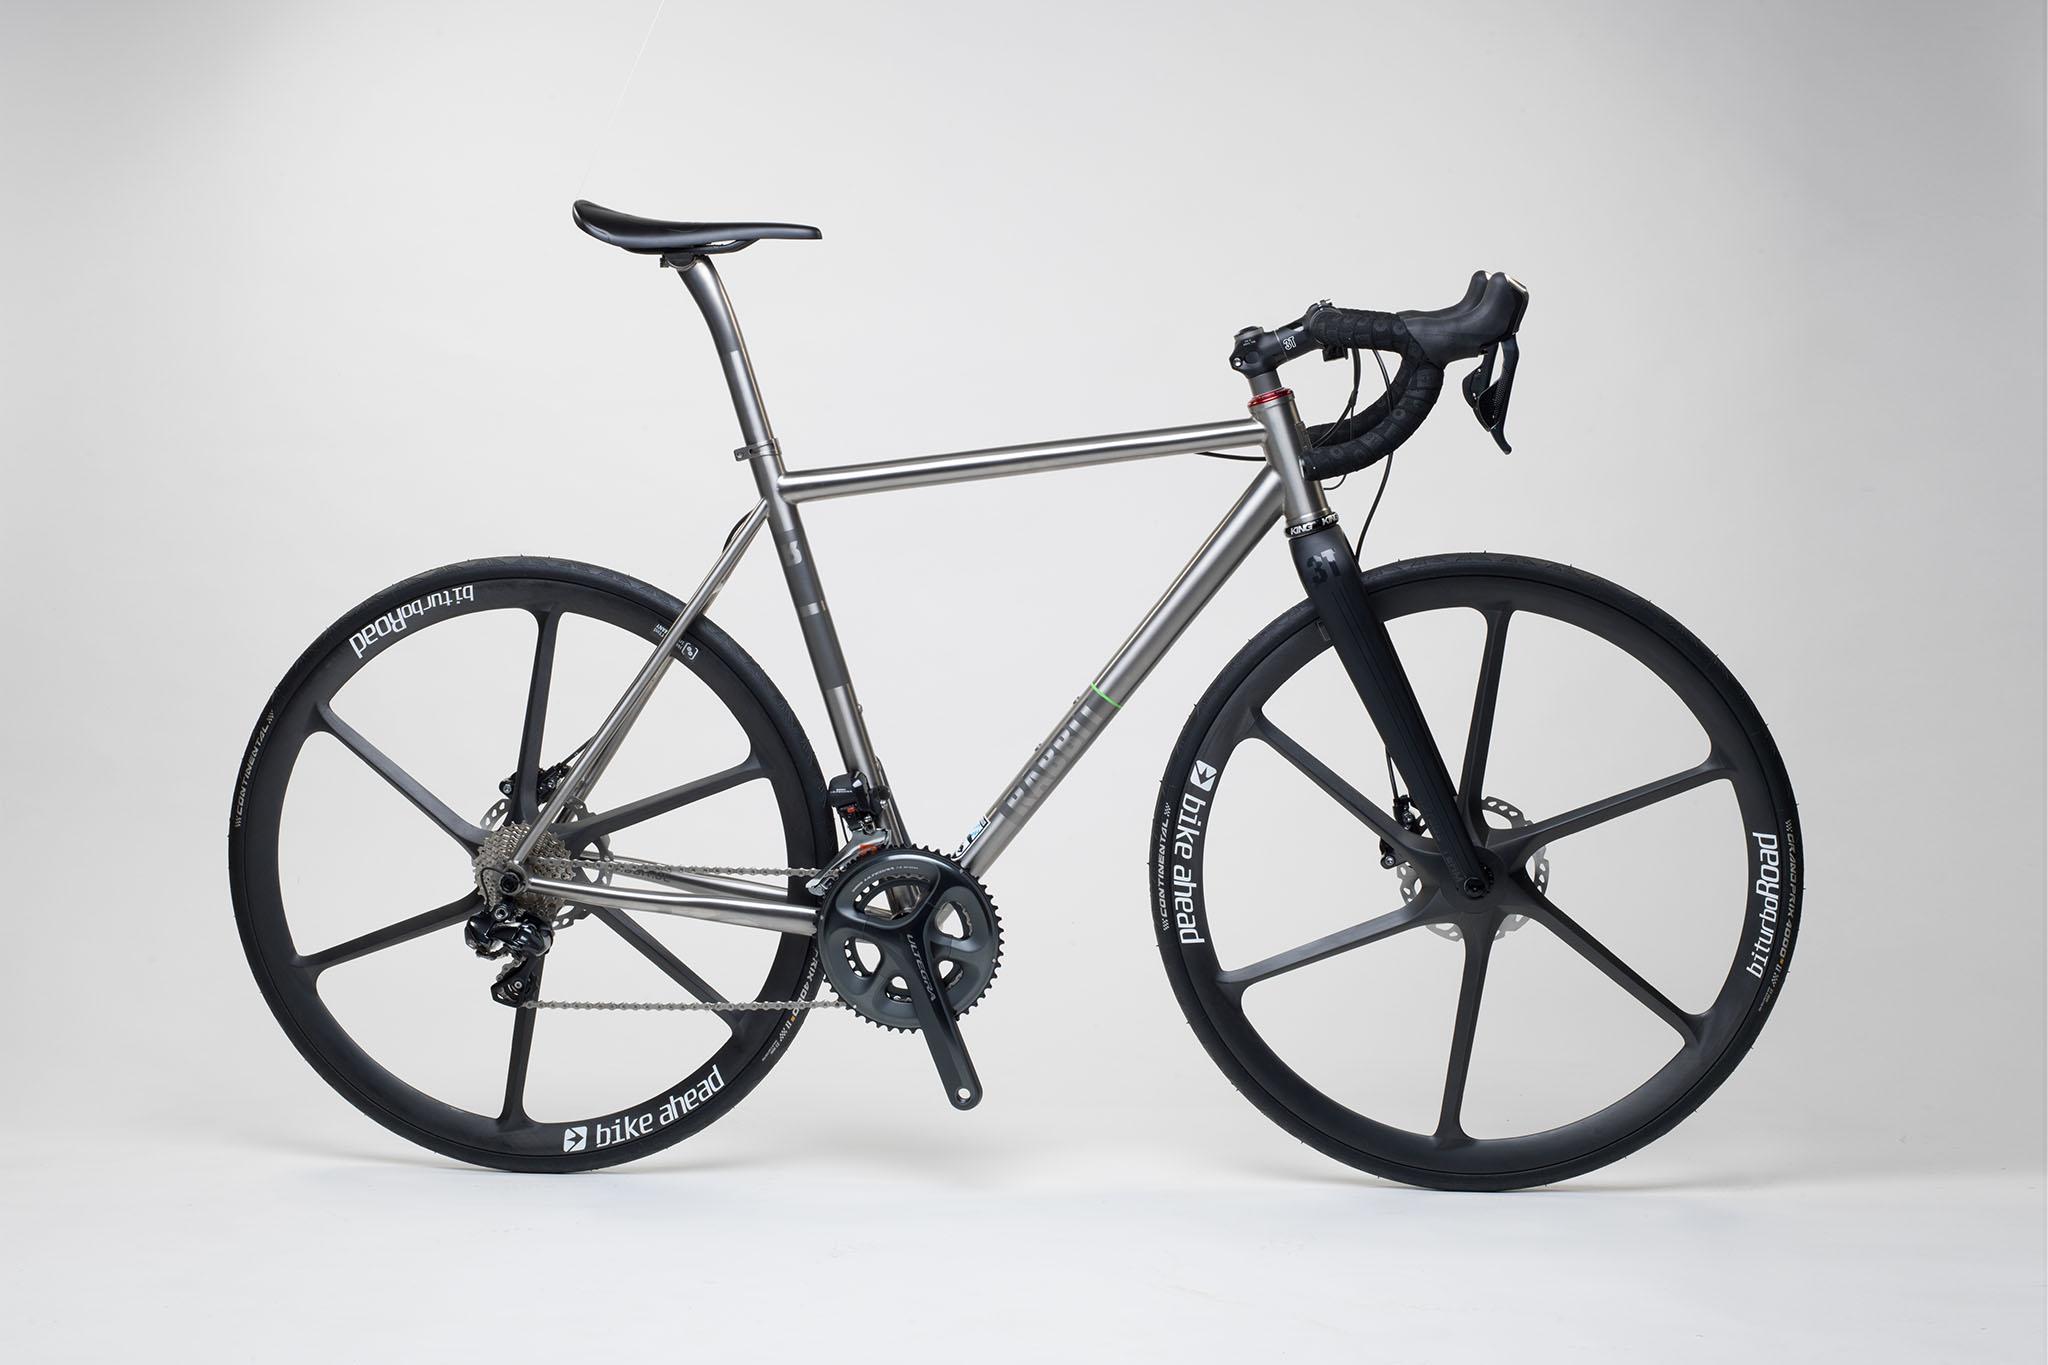 titan_road_disc_bike_ahead_carbon_wheels_14_from_rabbit_titan_cycles_bavaria